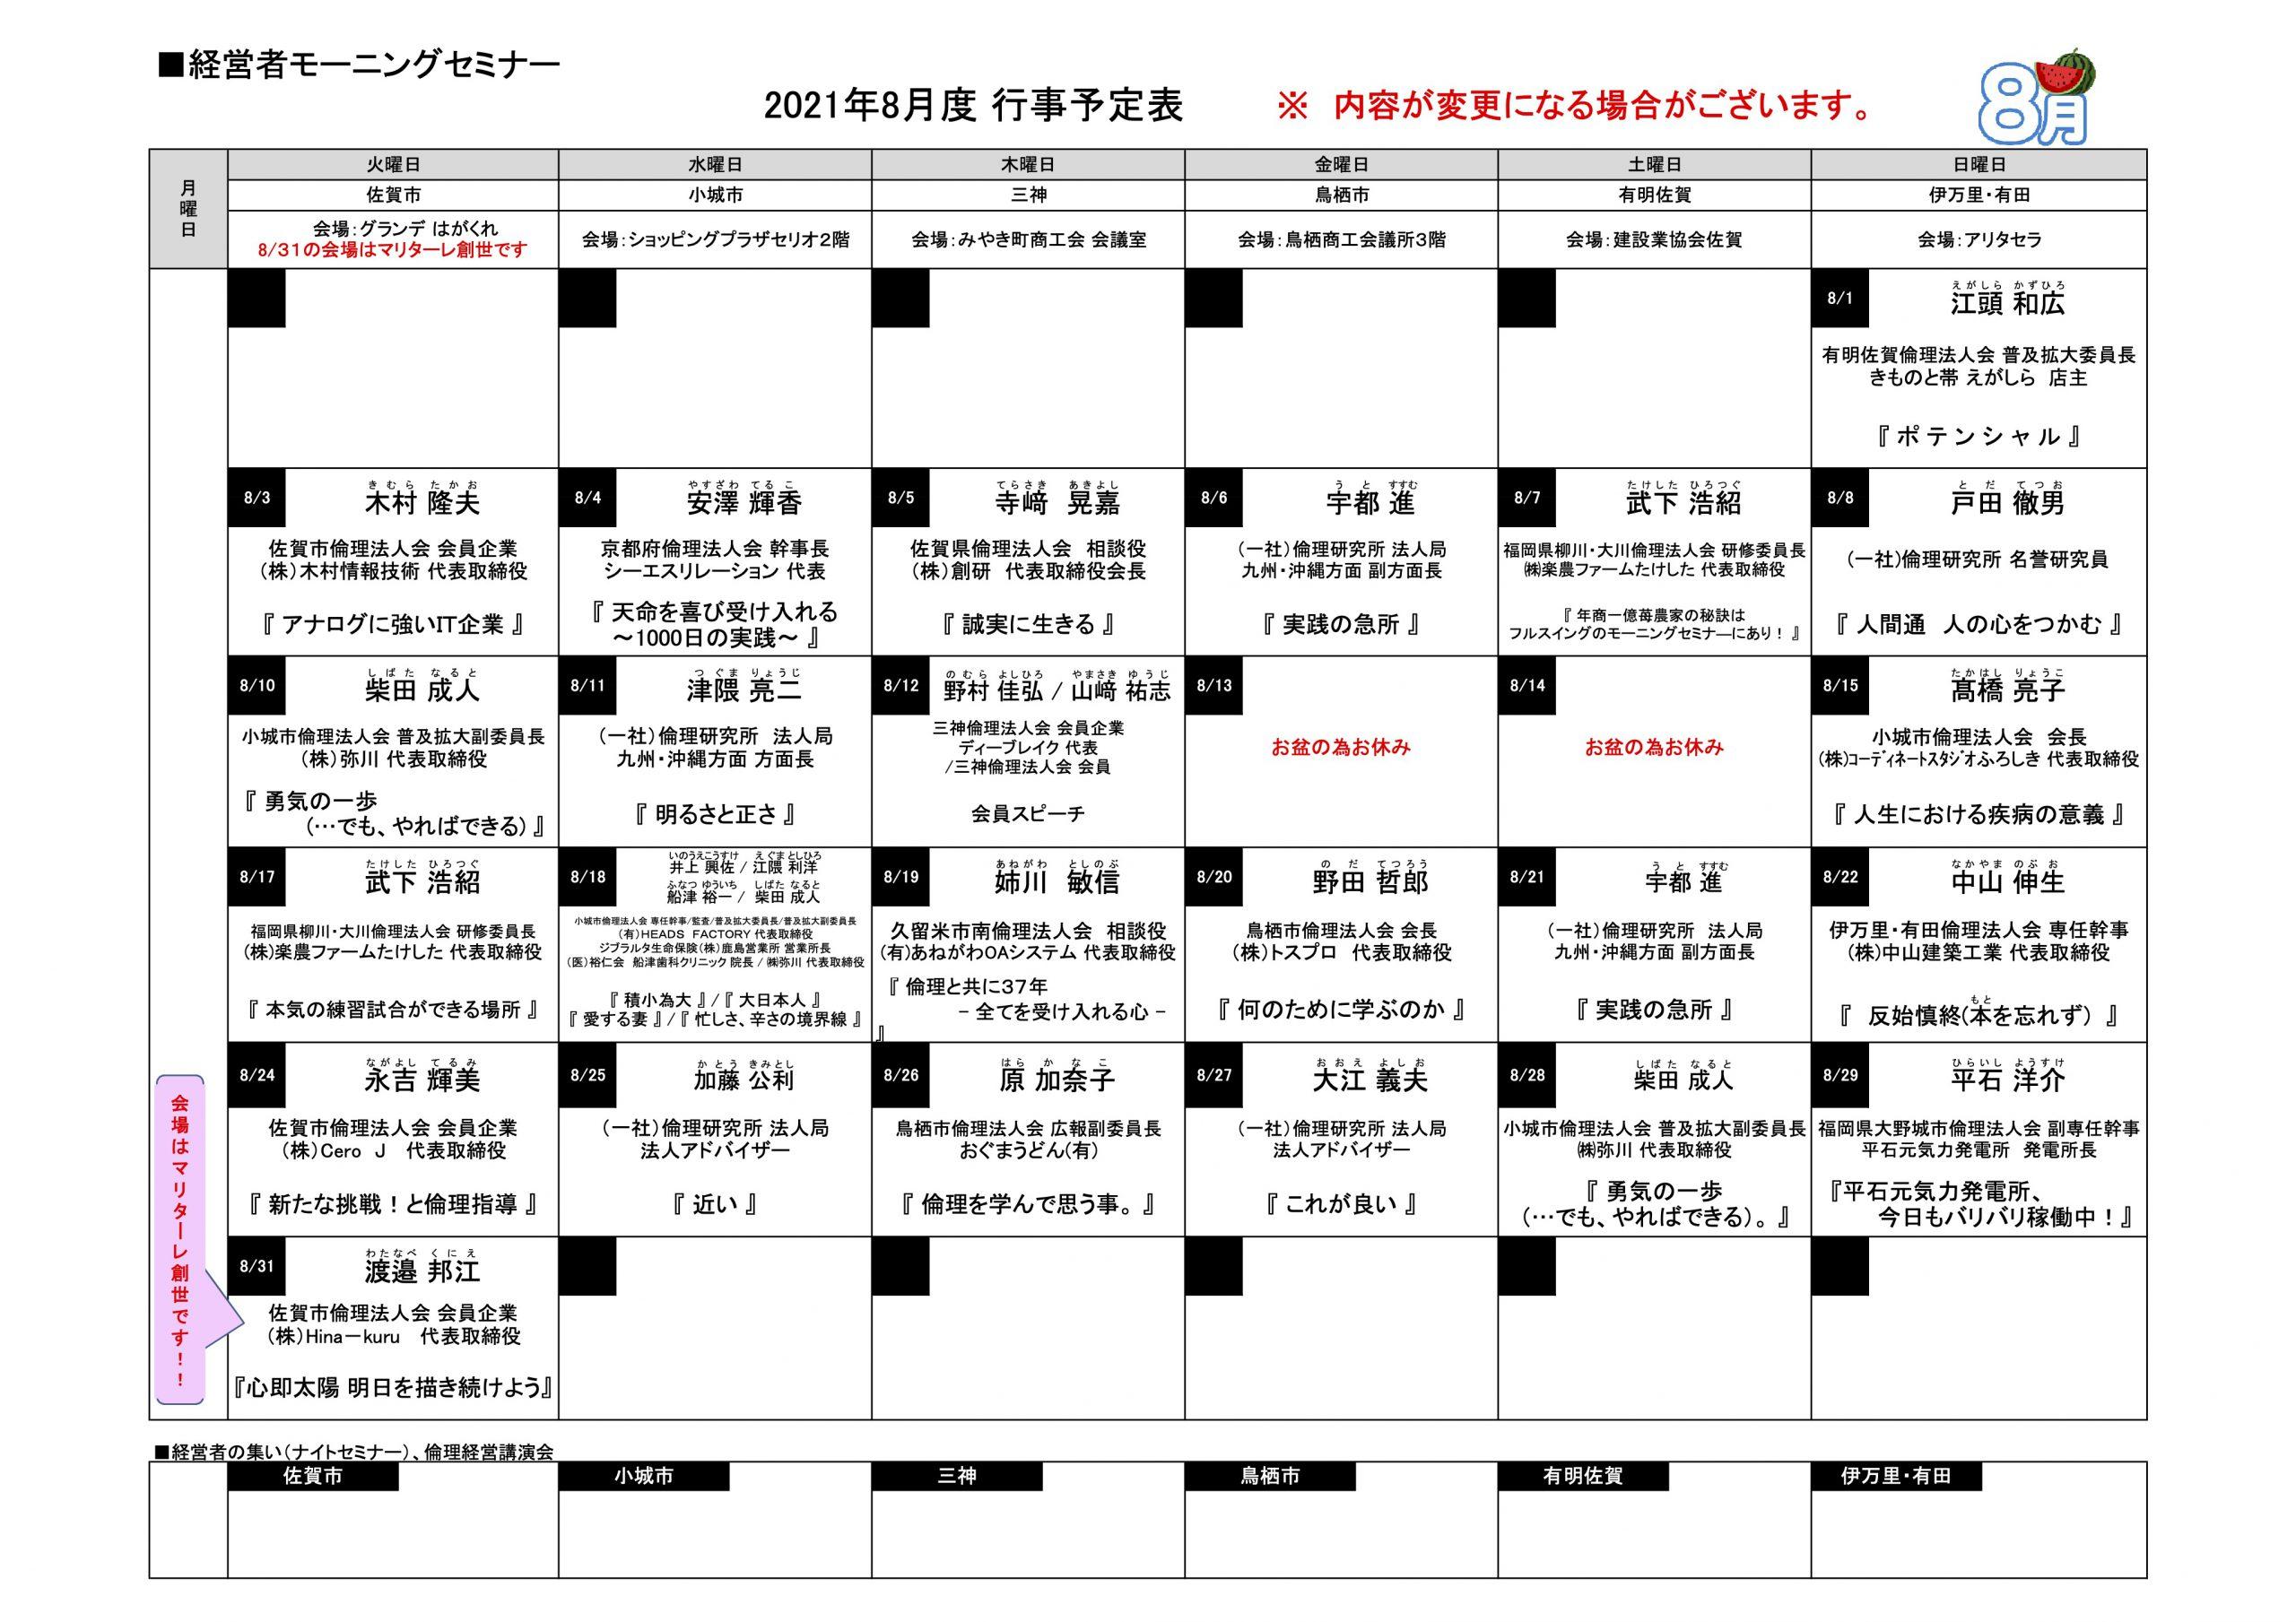 佐賀県倫理法人会 2021年8月度 行事予定表